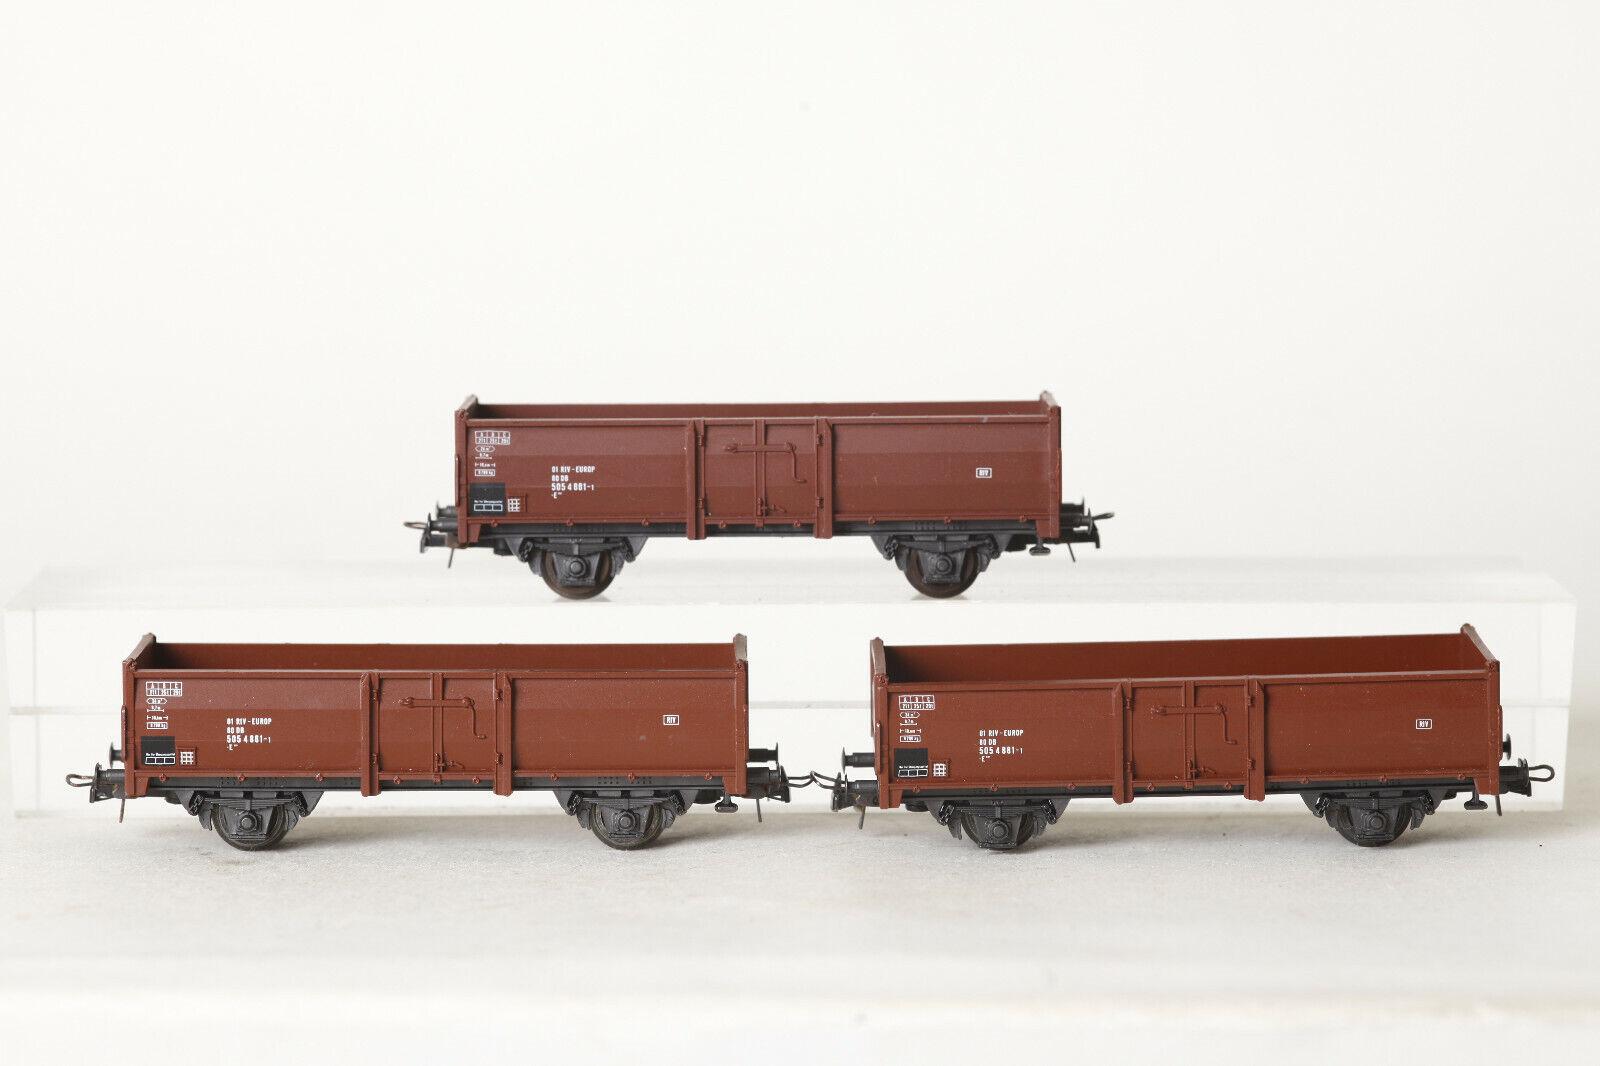 Roco H0  3x Hochbordwagen 505 4 881-1 Güterwagen  01 RIV -Europ (105910)